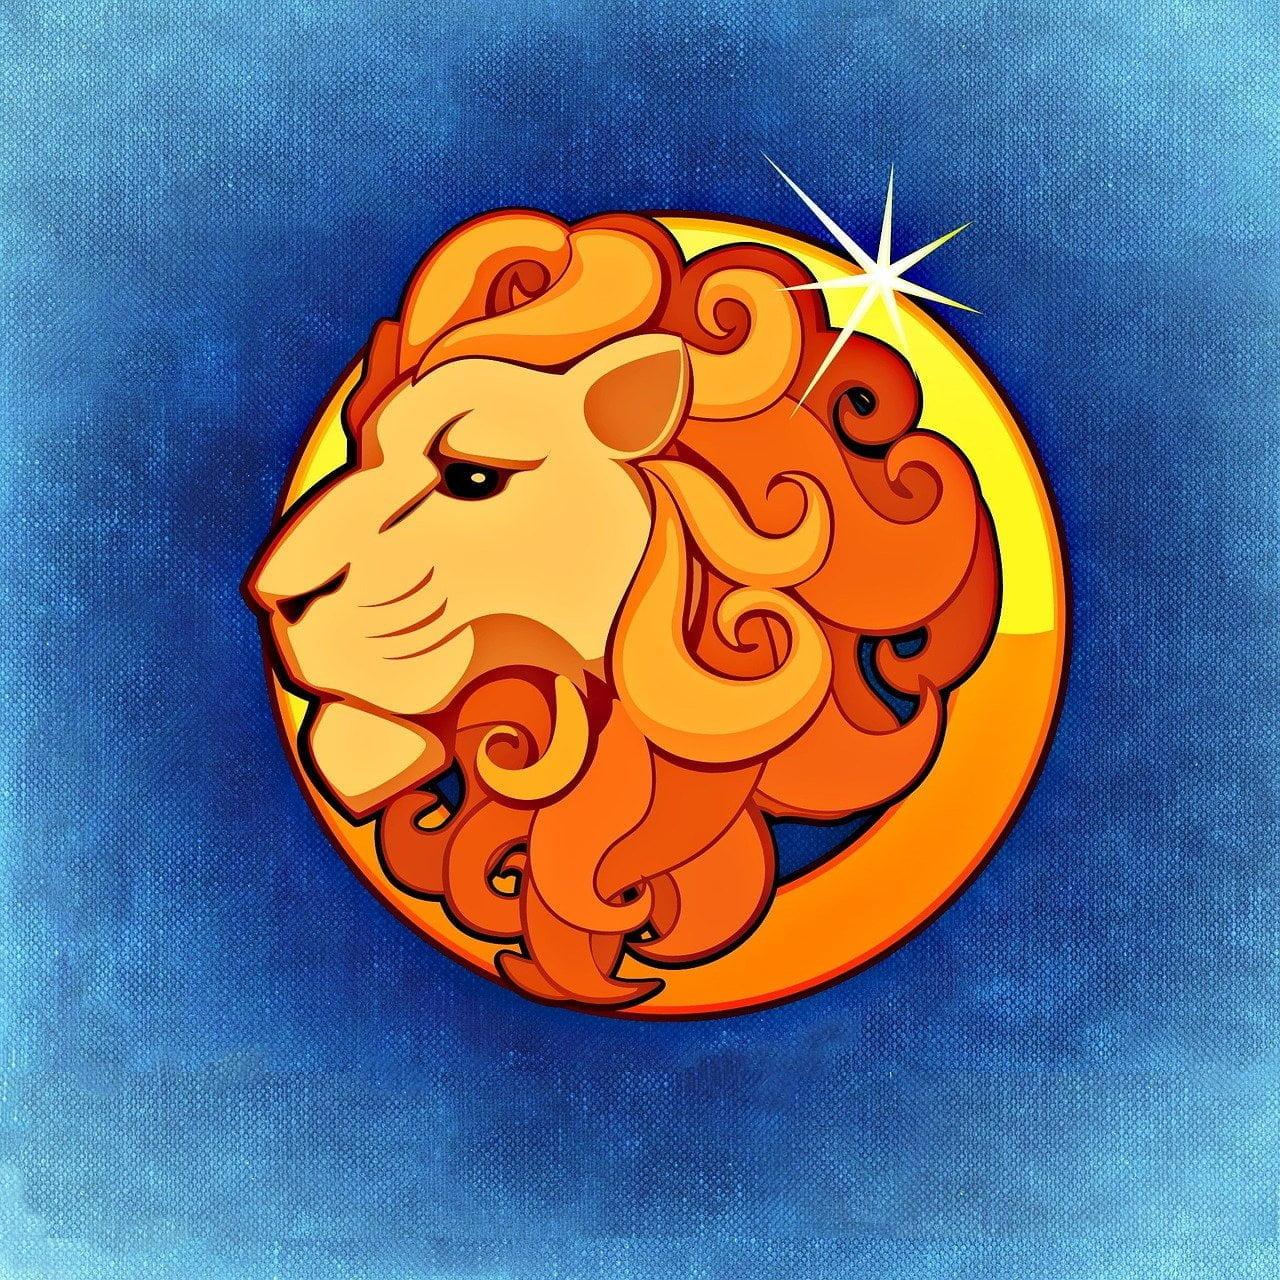 Гороскоп для Льва - Оракул. Знаки судьбы